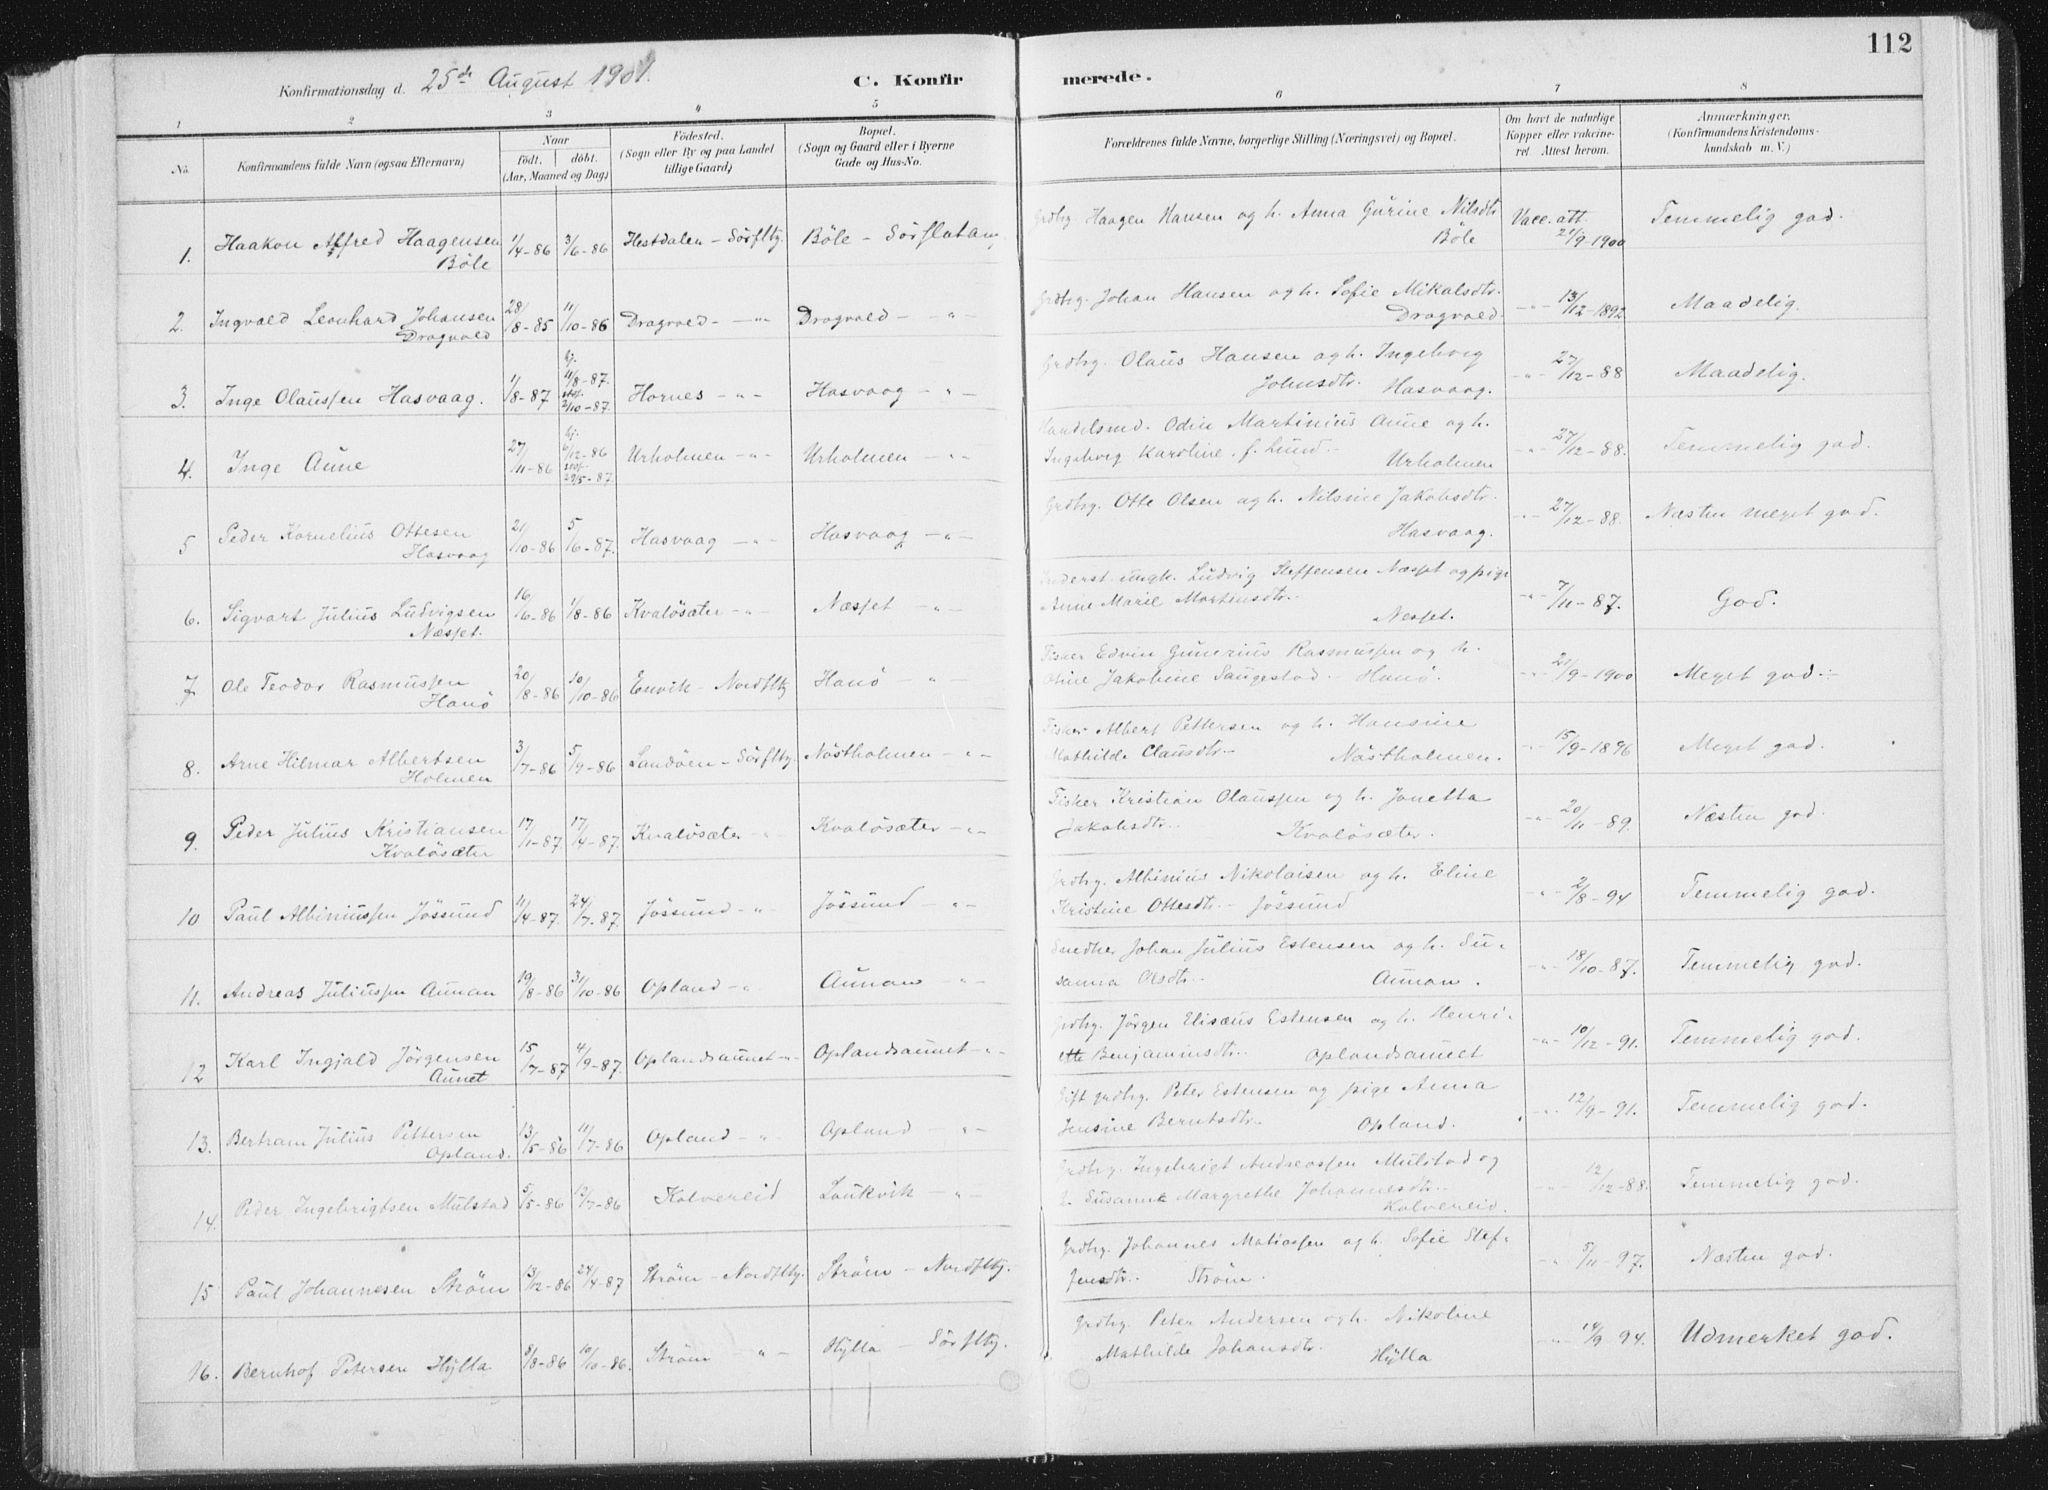 SAT, Ministerialprotokoller, klokkerbøker og fødselsregistre - Nord-Trøndelag, 771/L0597: Ministerialbok nr. 771A04, 1885-1910, s. 112